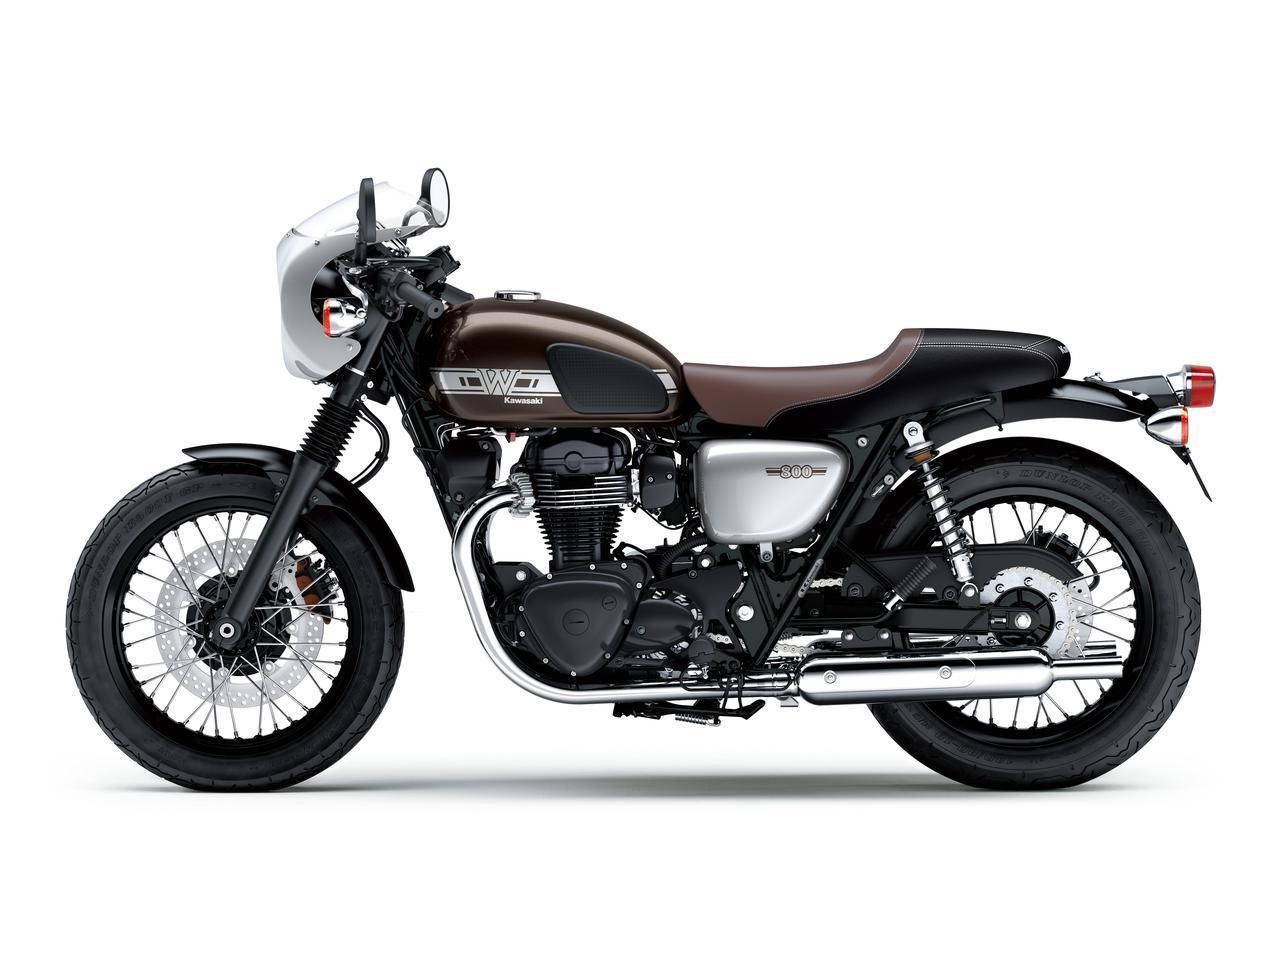 画像17: カワサキが「W800」シリーズの2021年モデルを発売! W800/W800ストリート/W800カフェの新色をチェック!